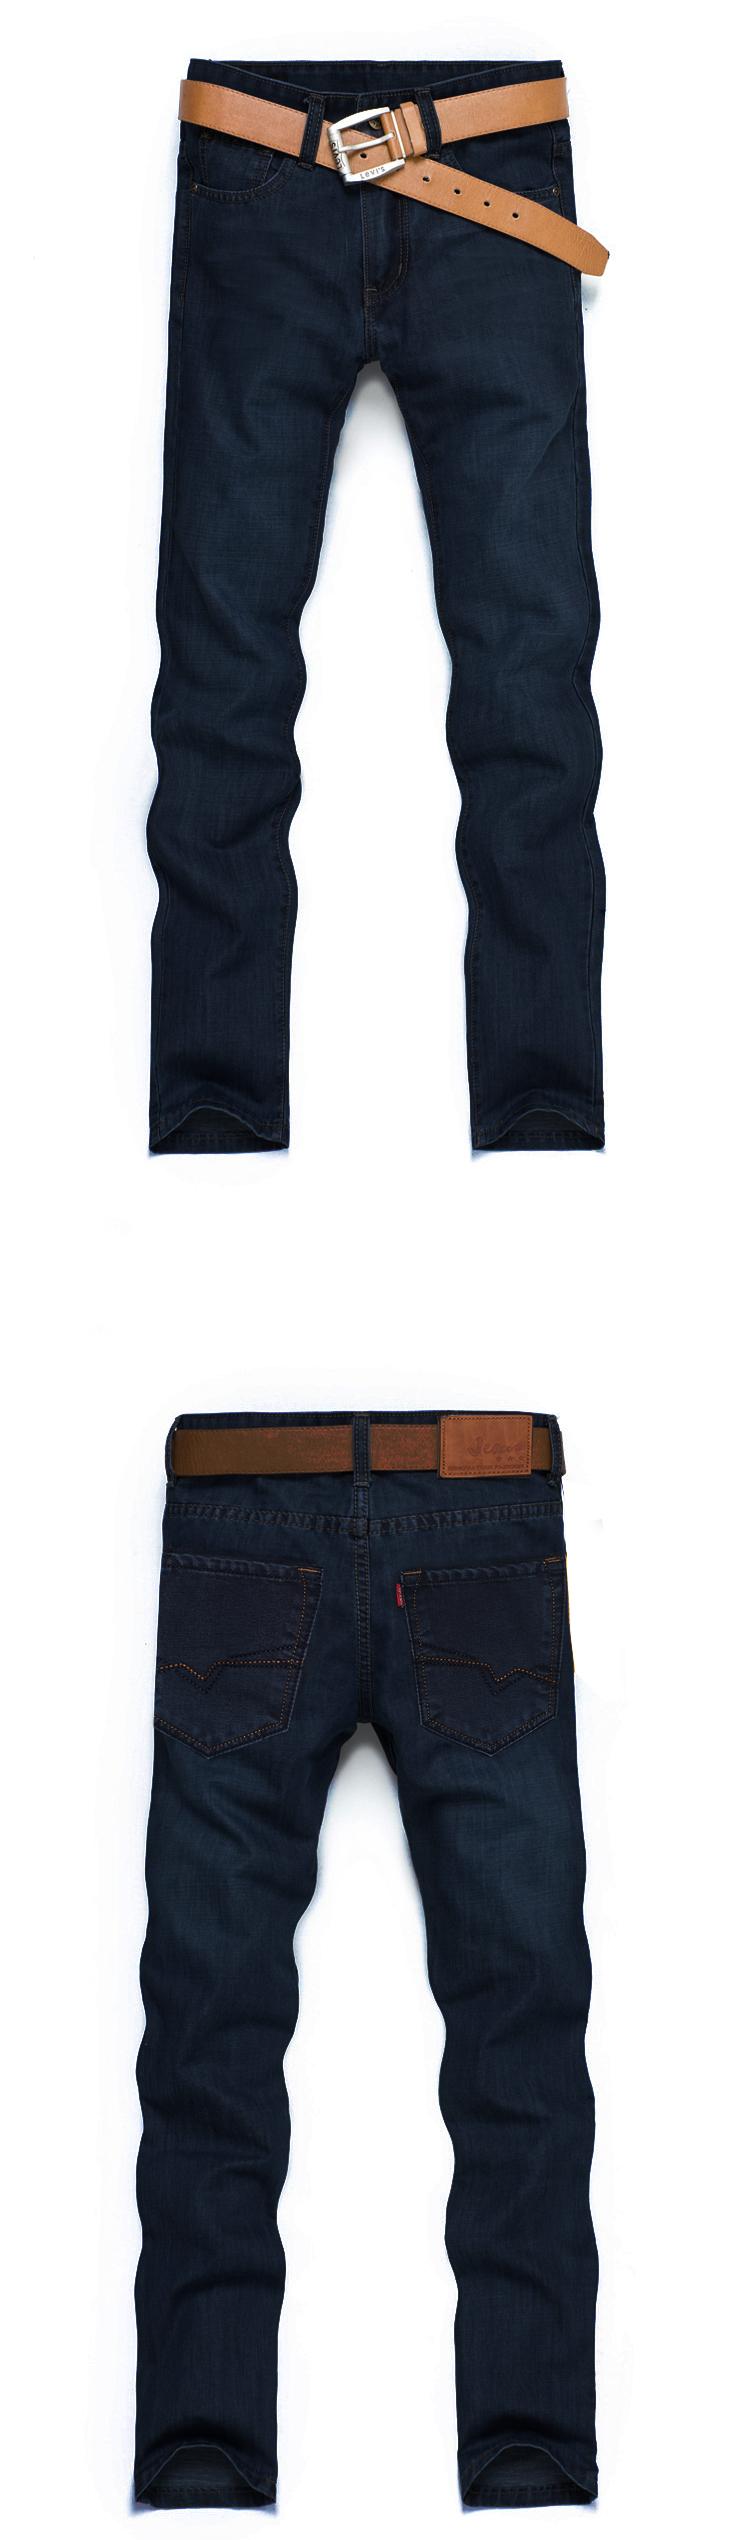 Quần jean ống đứng xanh đen qj1125 - 1